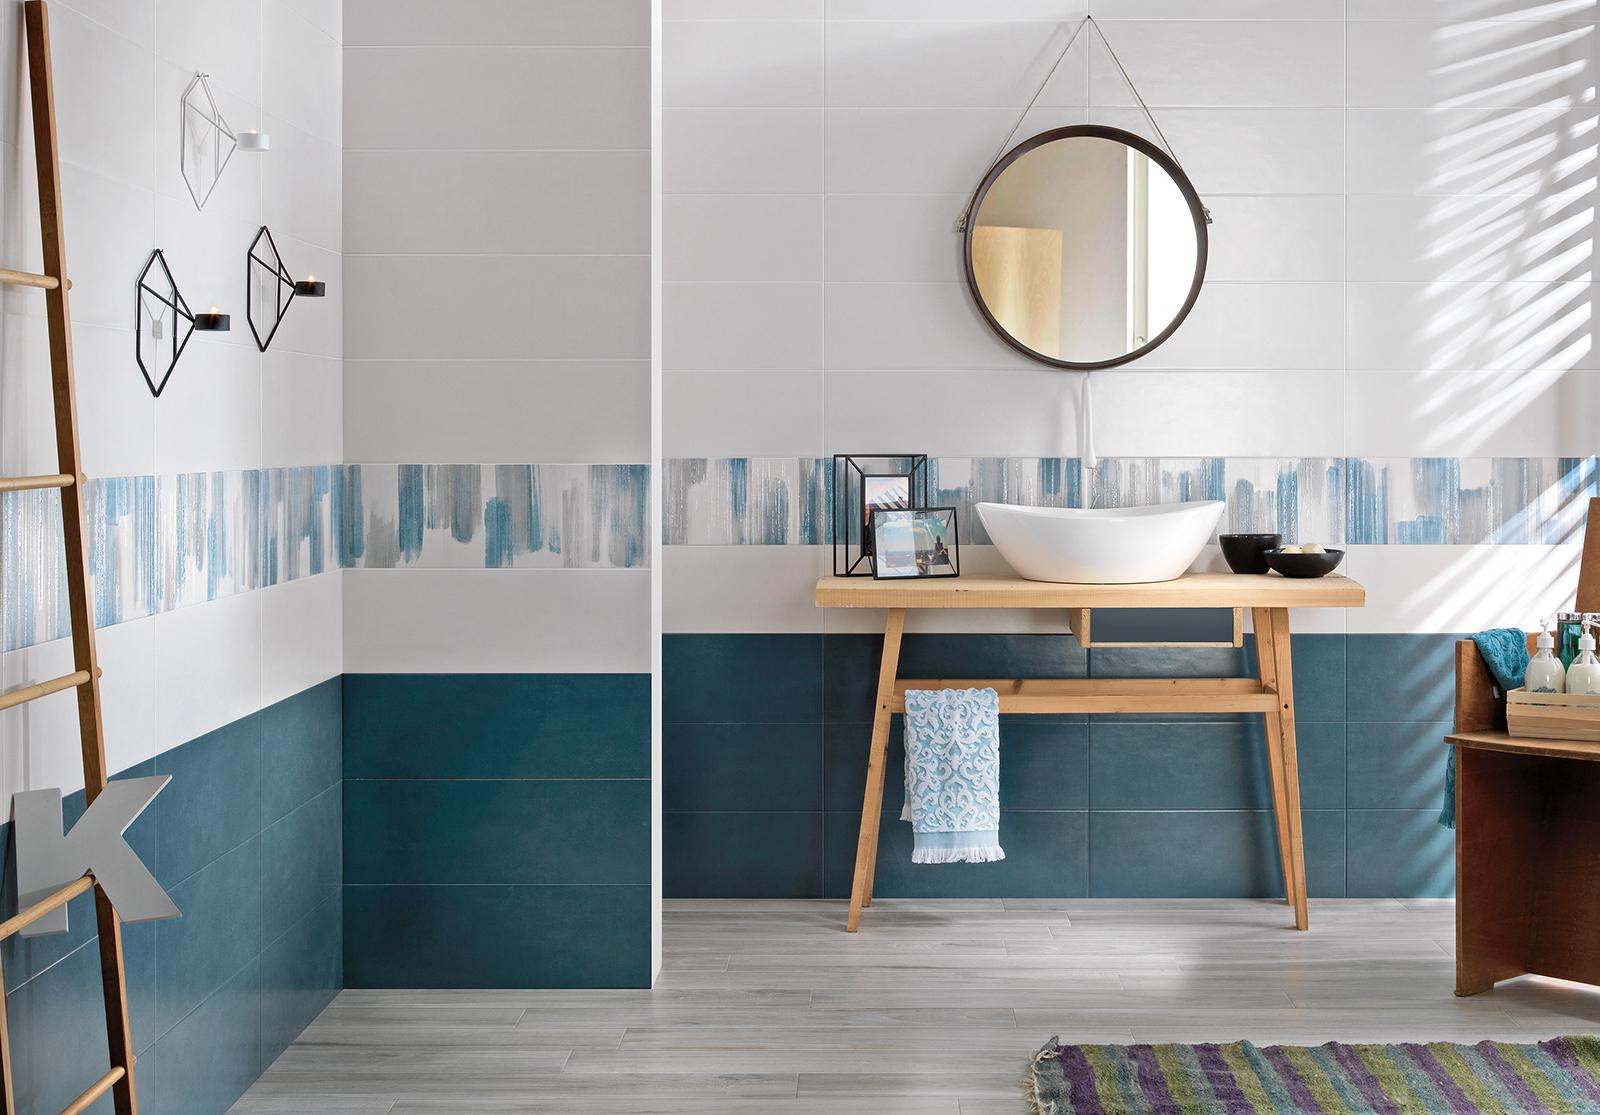 Serie kontact pavimenti e rivestimenti armonie ceramiche - Bagno di casa ...